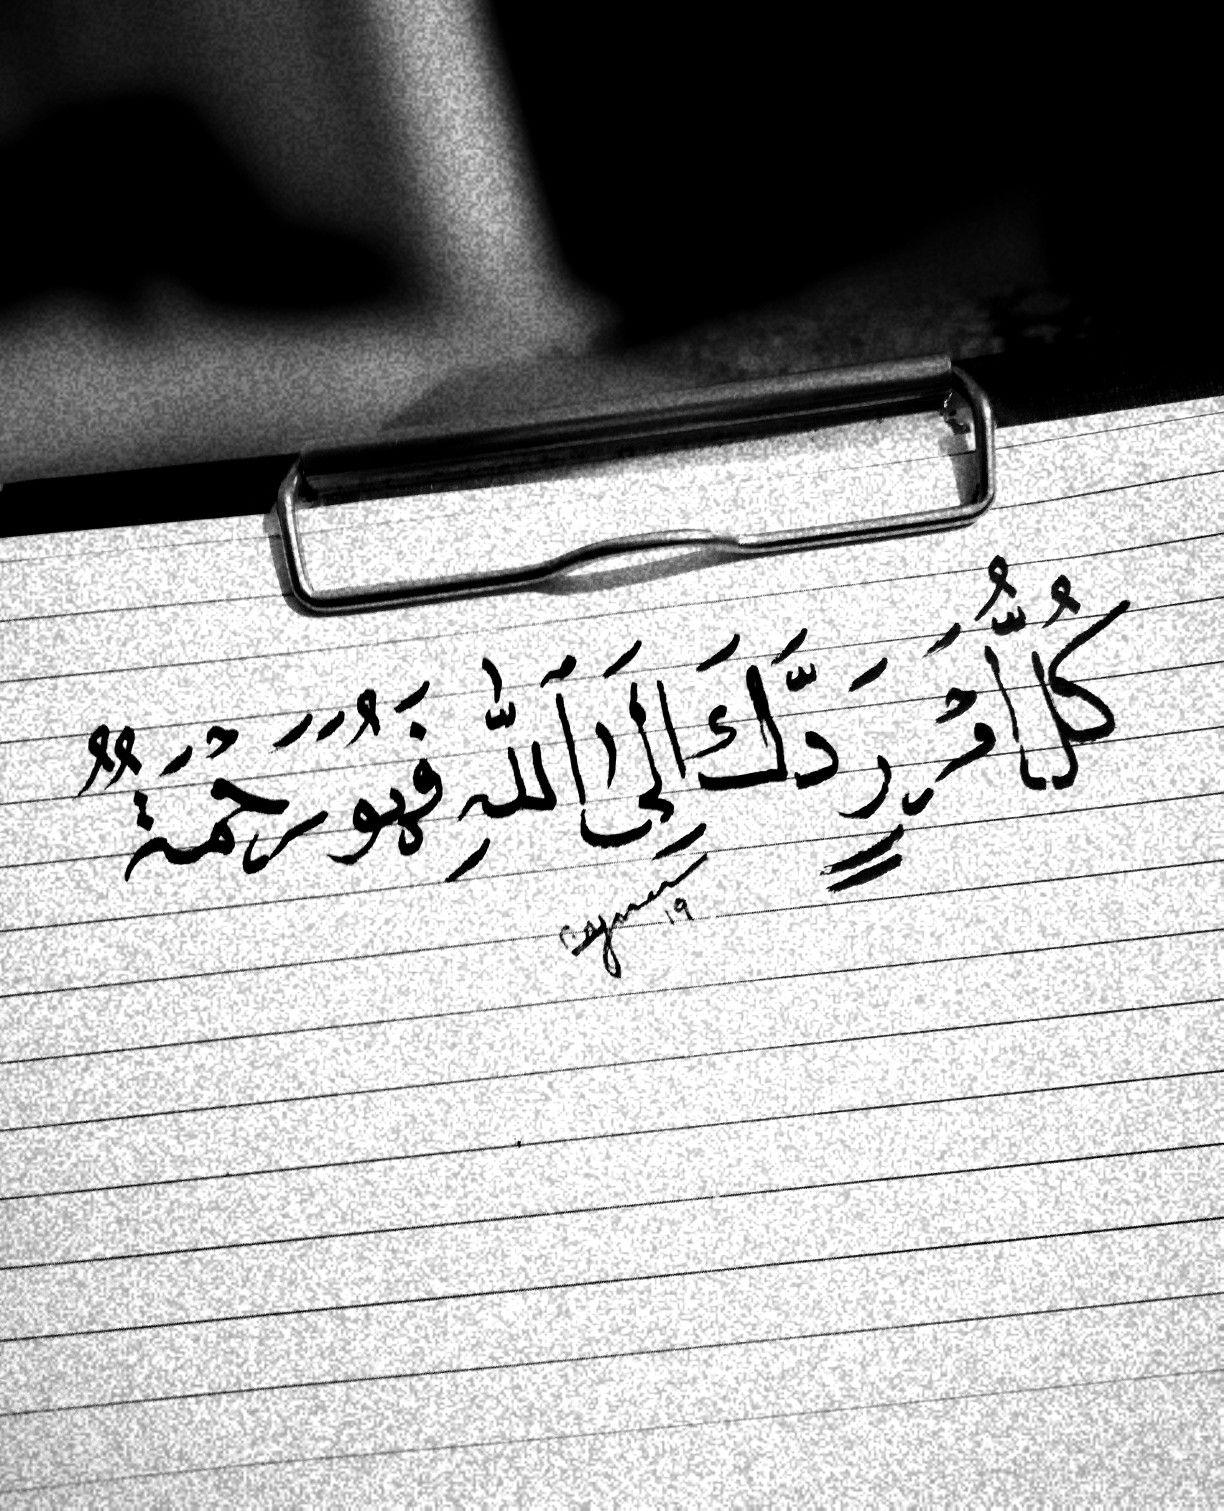 كل أمر ردك الى الله فهو رحمة Tattoo Quotes Quotes Handwriting